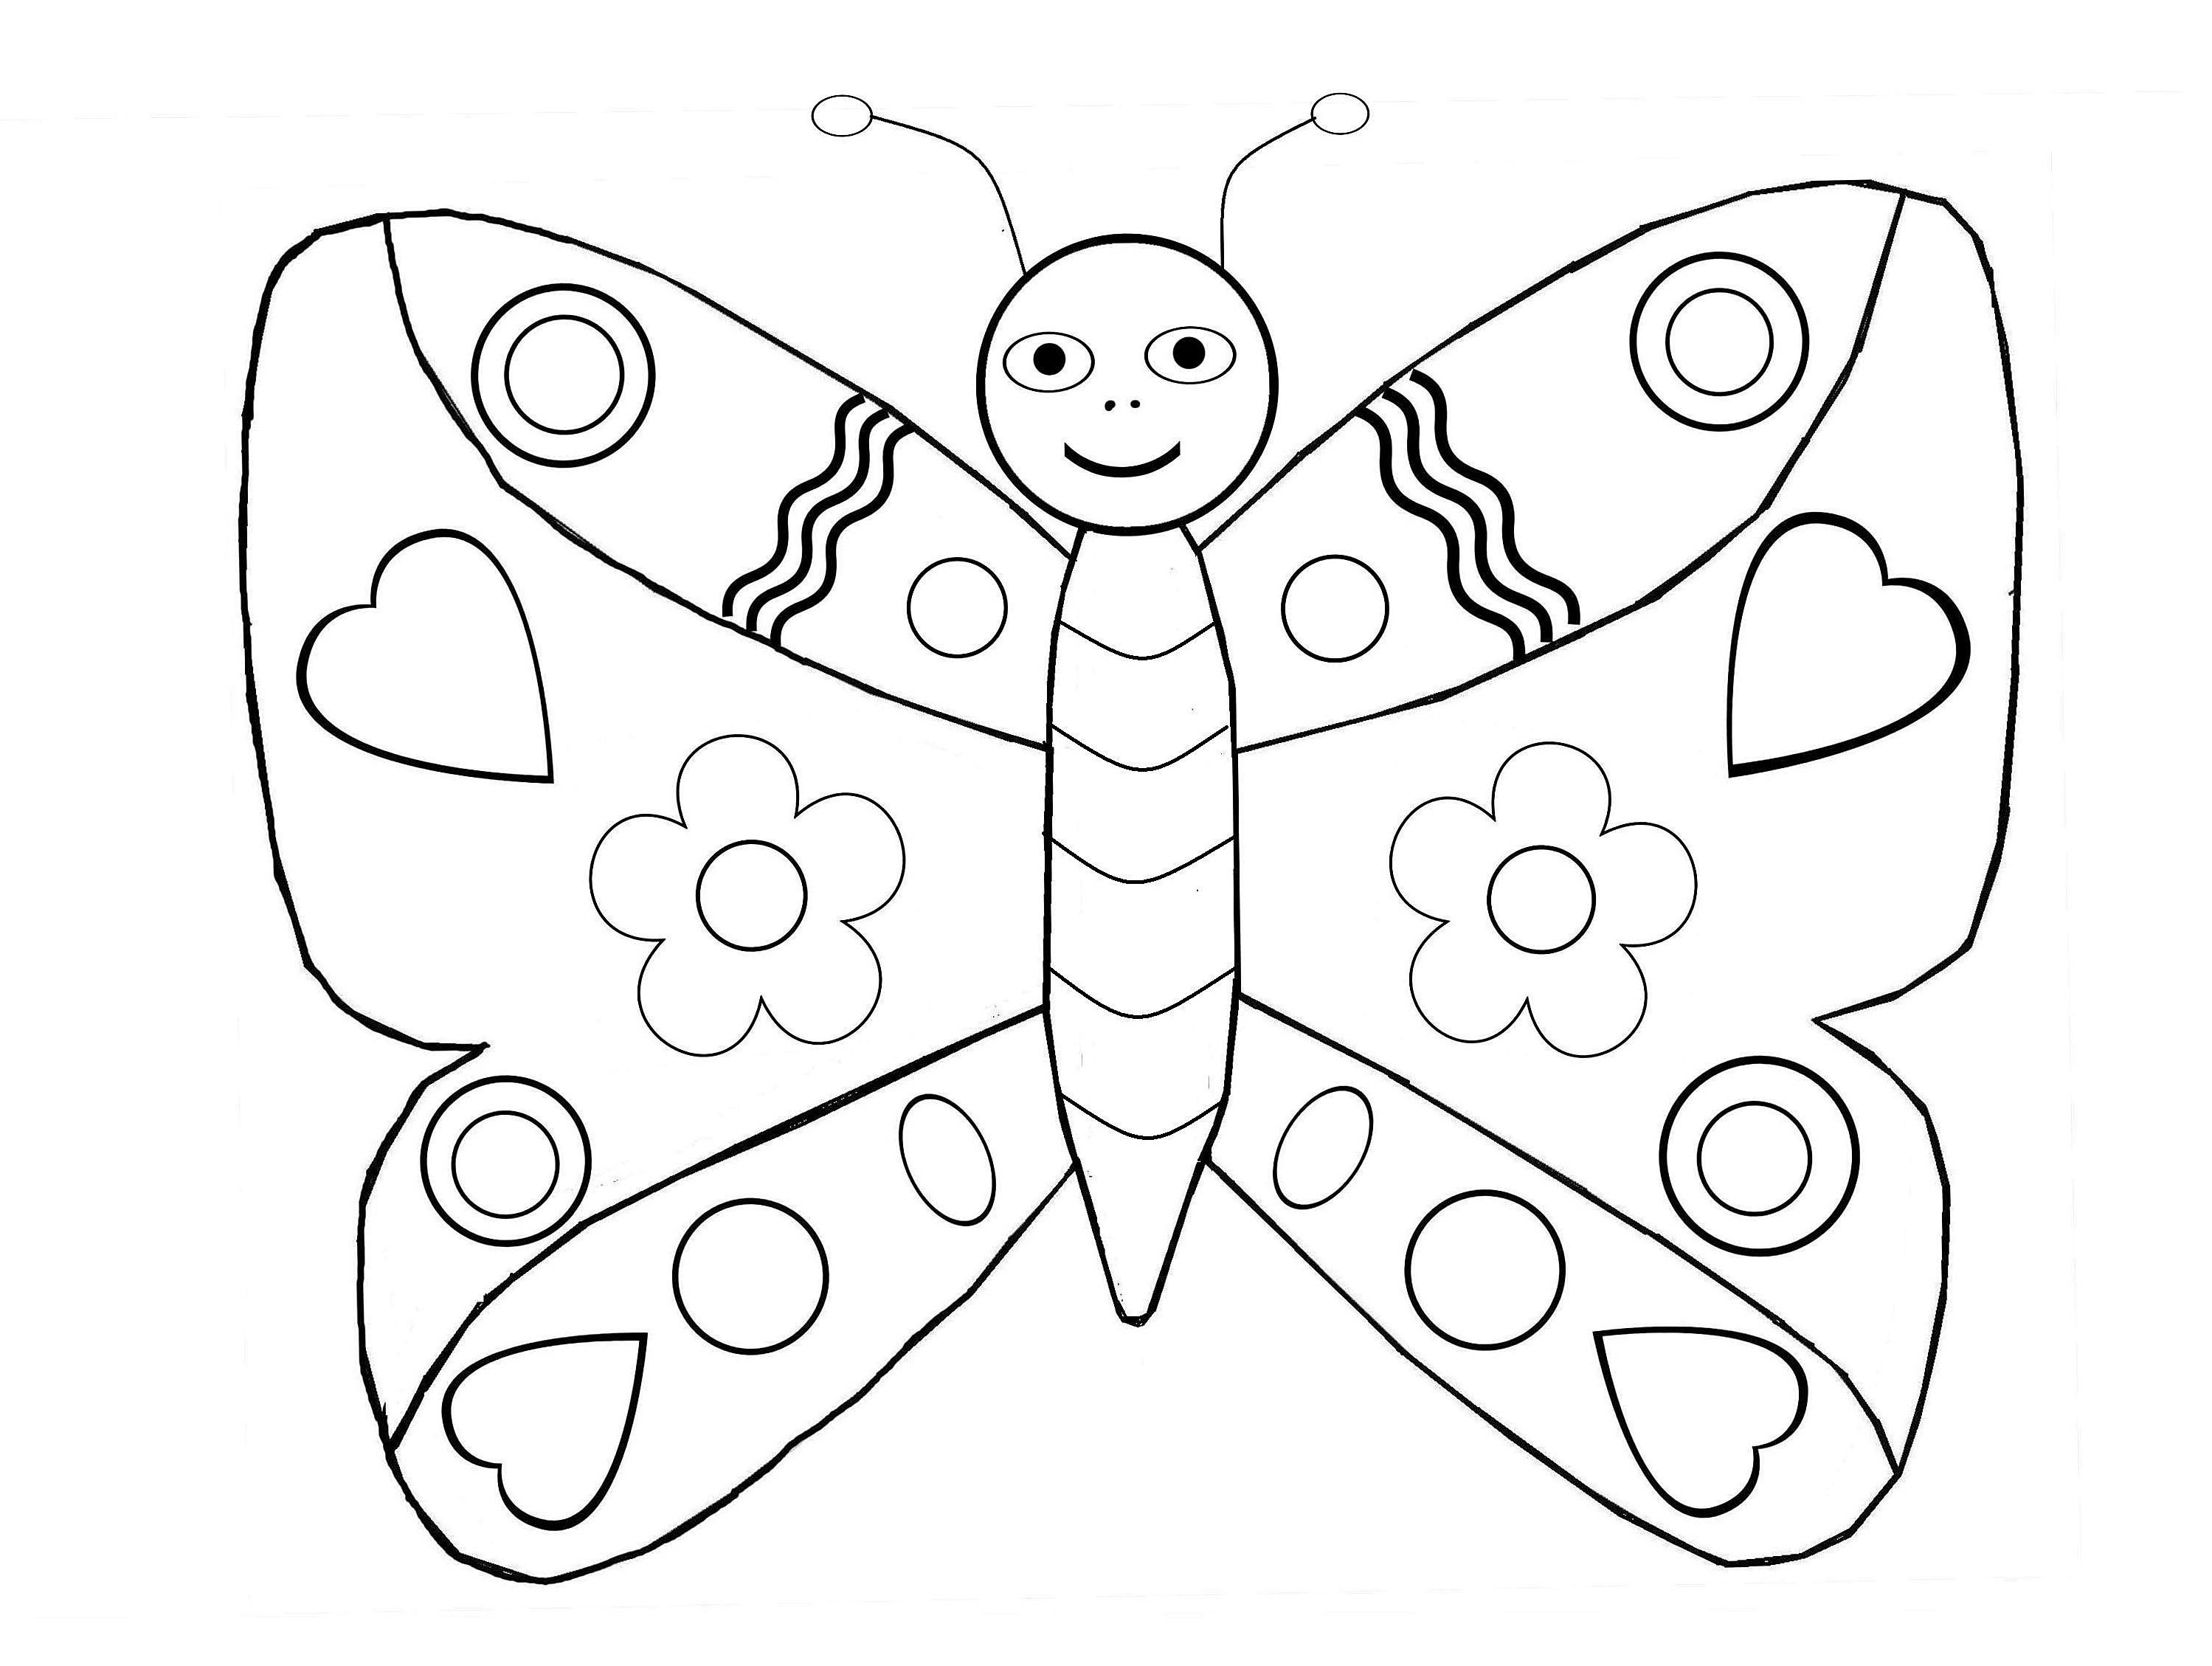 110 dessins de coloriage papillon imprimer sur laguerchecom page 11